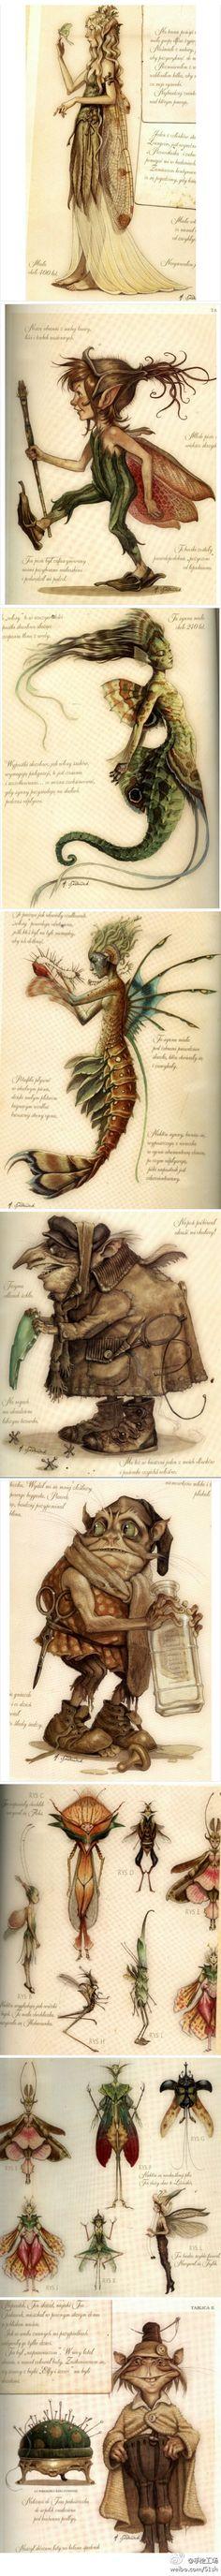 Goblins & Fairies